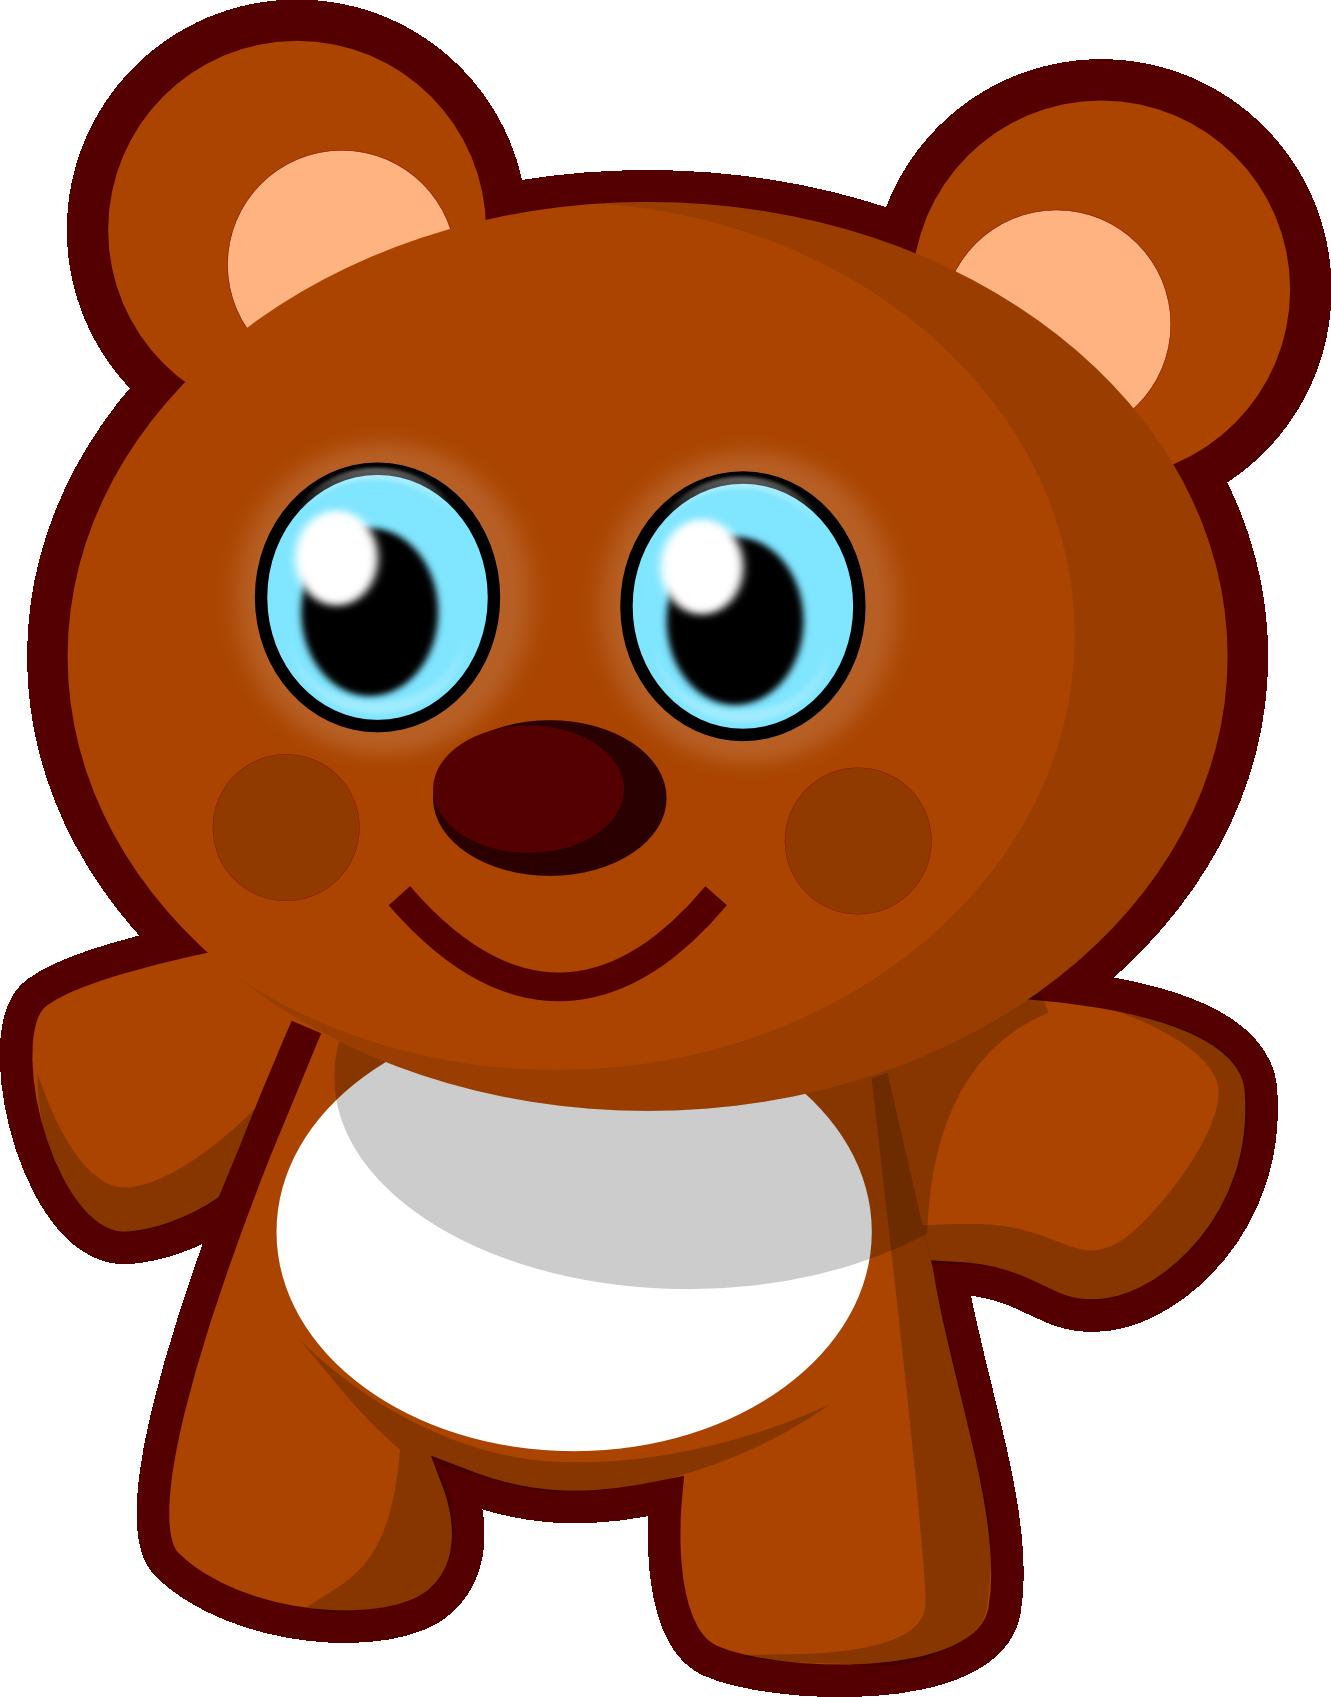 Family clipart cute. Teddy bear clip art